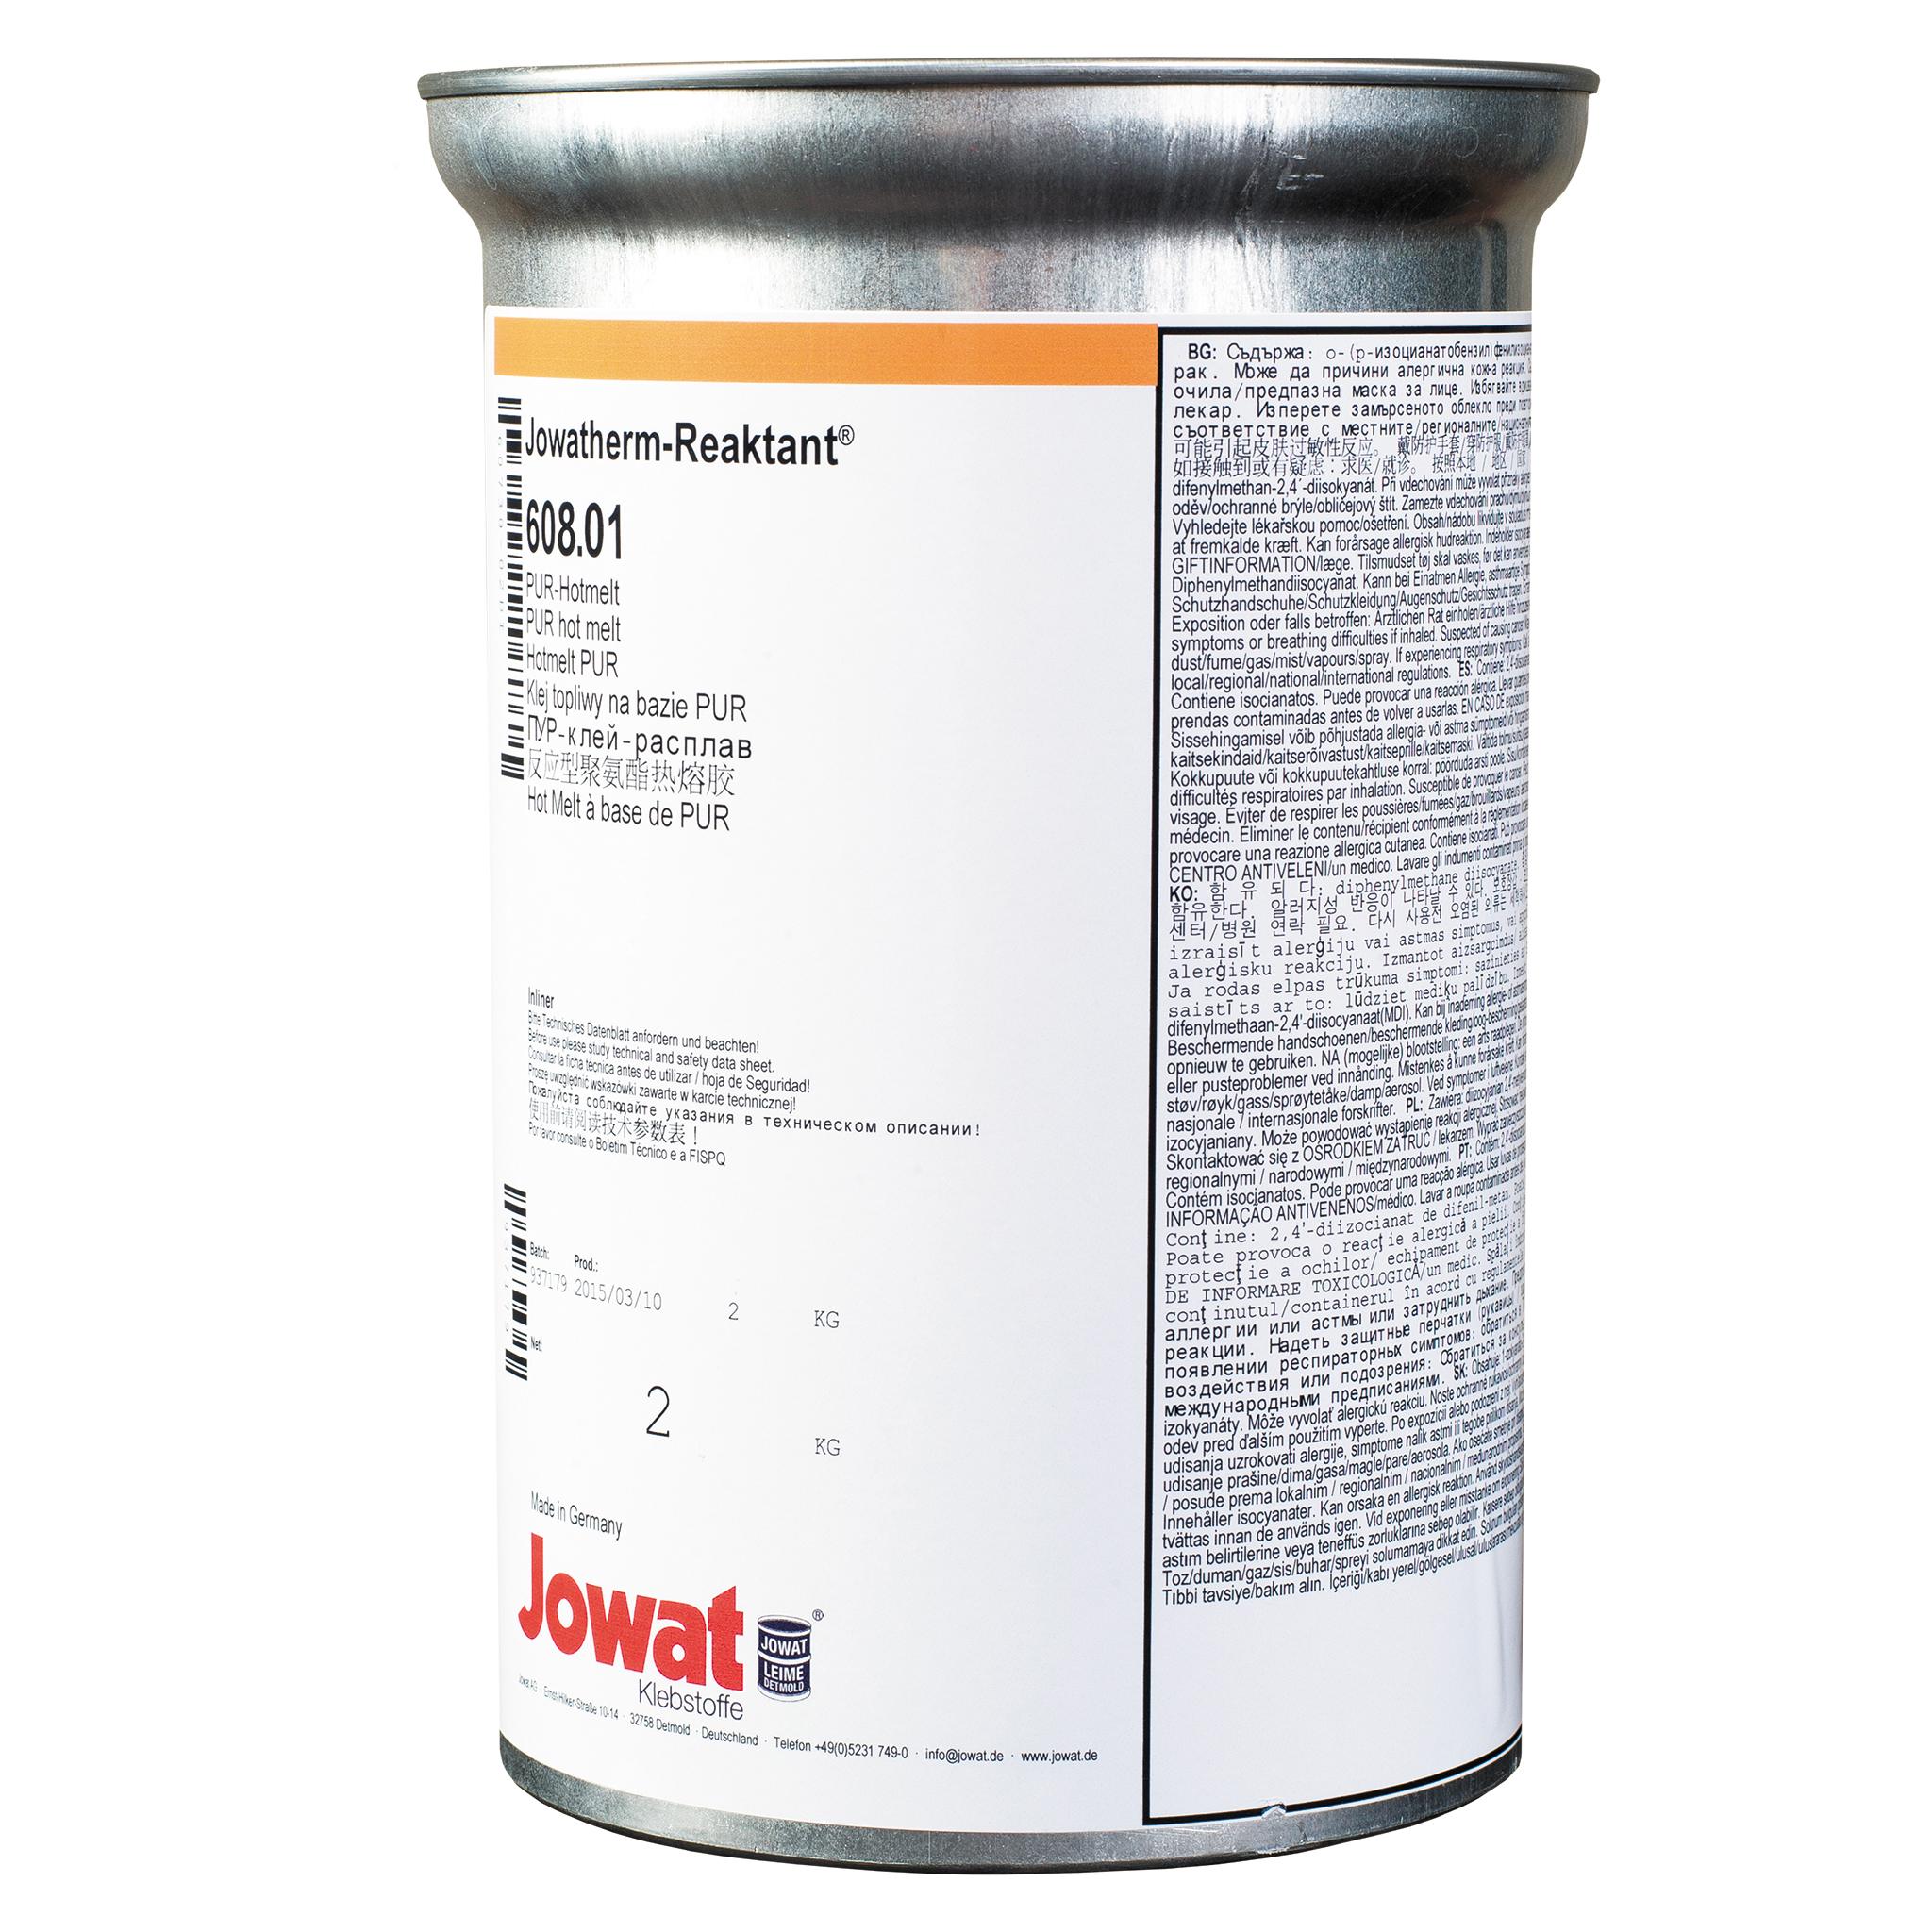 JOWATHERM 608.01 White - PUR Hot Melt 2 kg